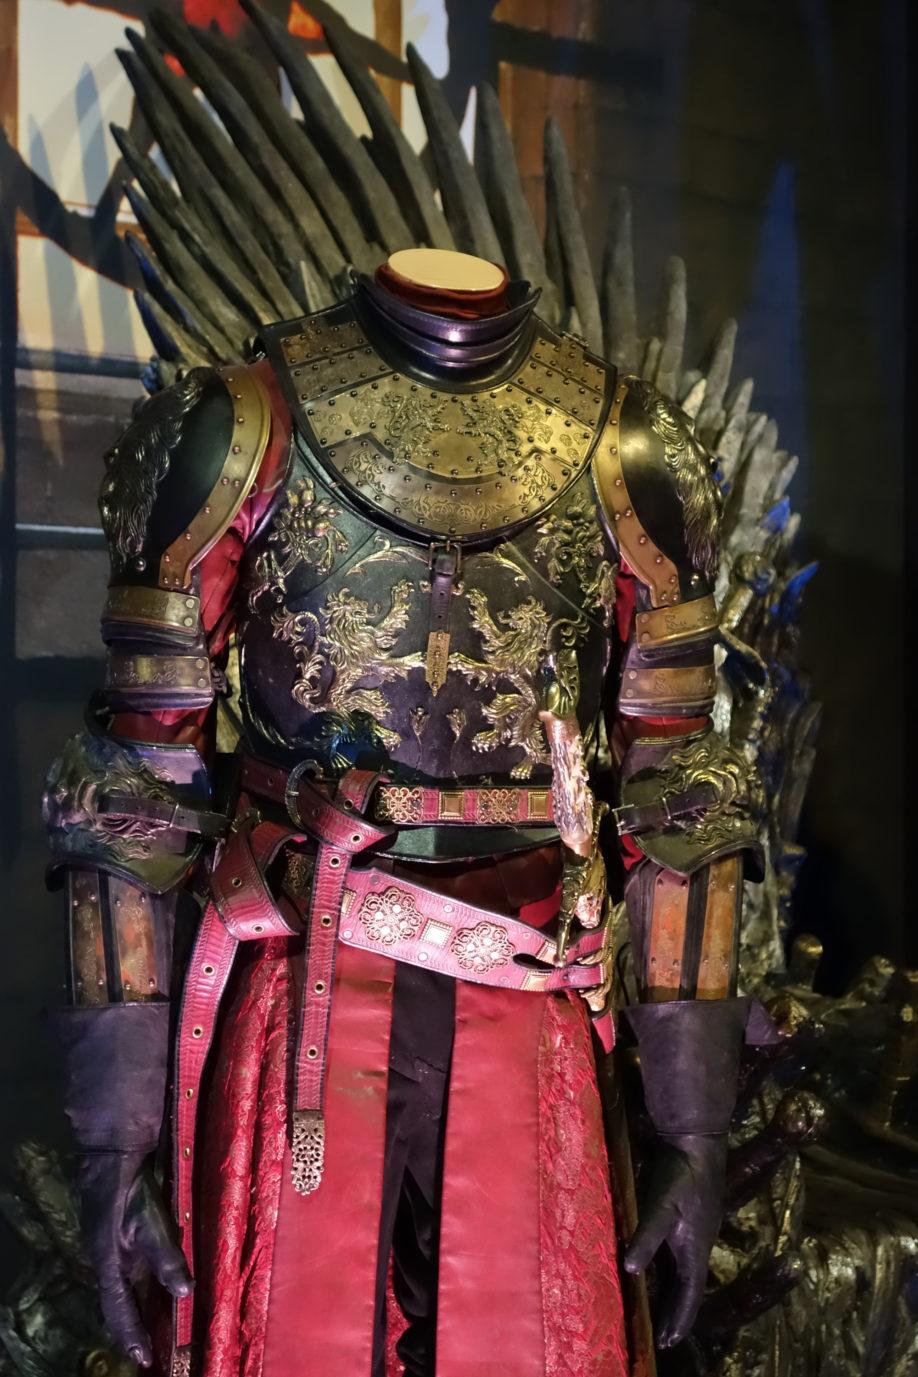 Détail de l'armure de Jaime Lannister (crédits : Thistle).